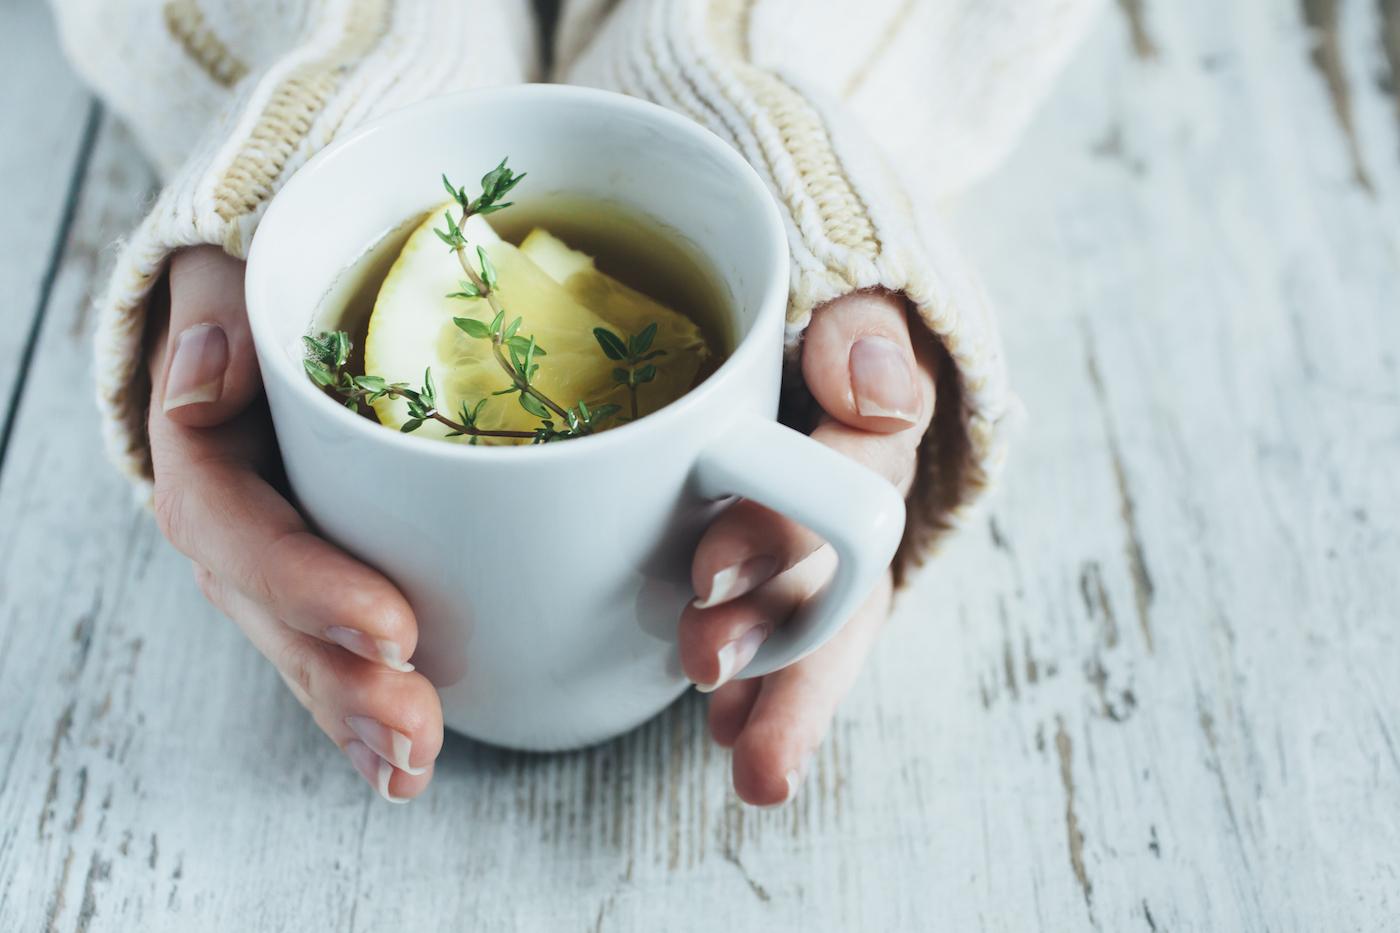 Tipps gegen kalte Hände im Winter